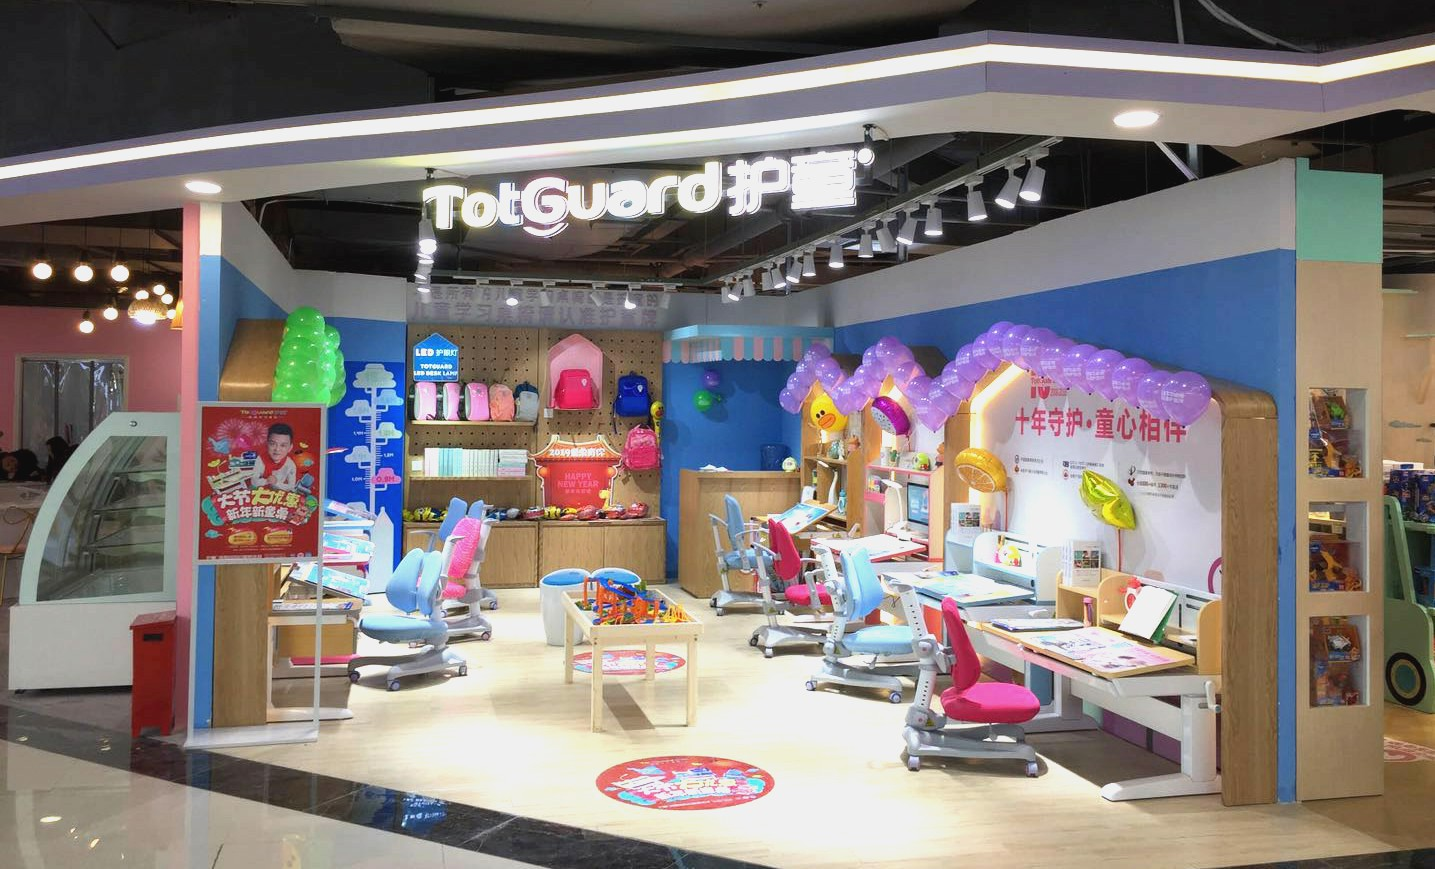 热烈祝贺护童第1596家鄂州新亚太国际广场护童专柜盛大开业!